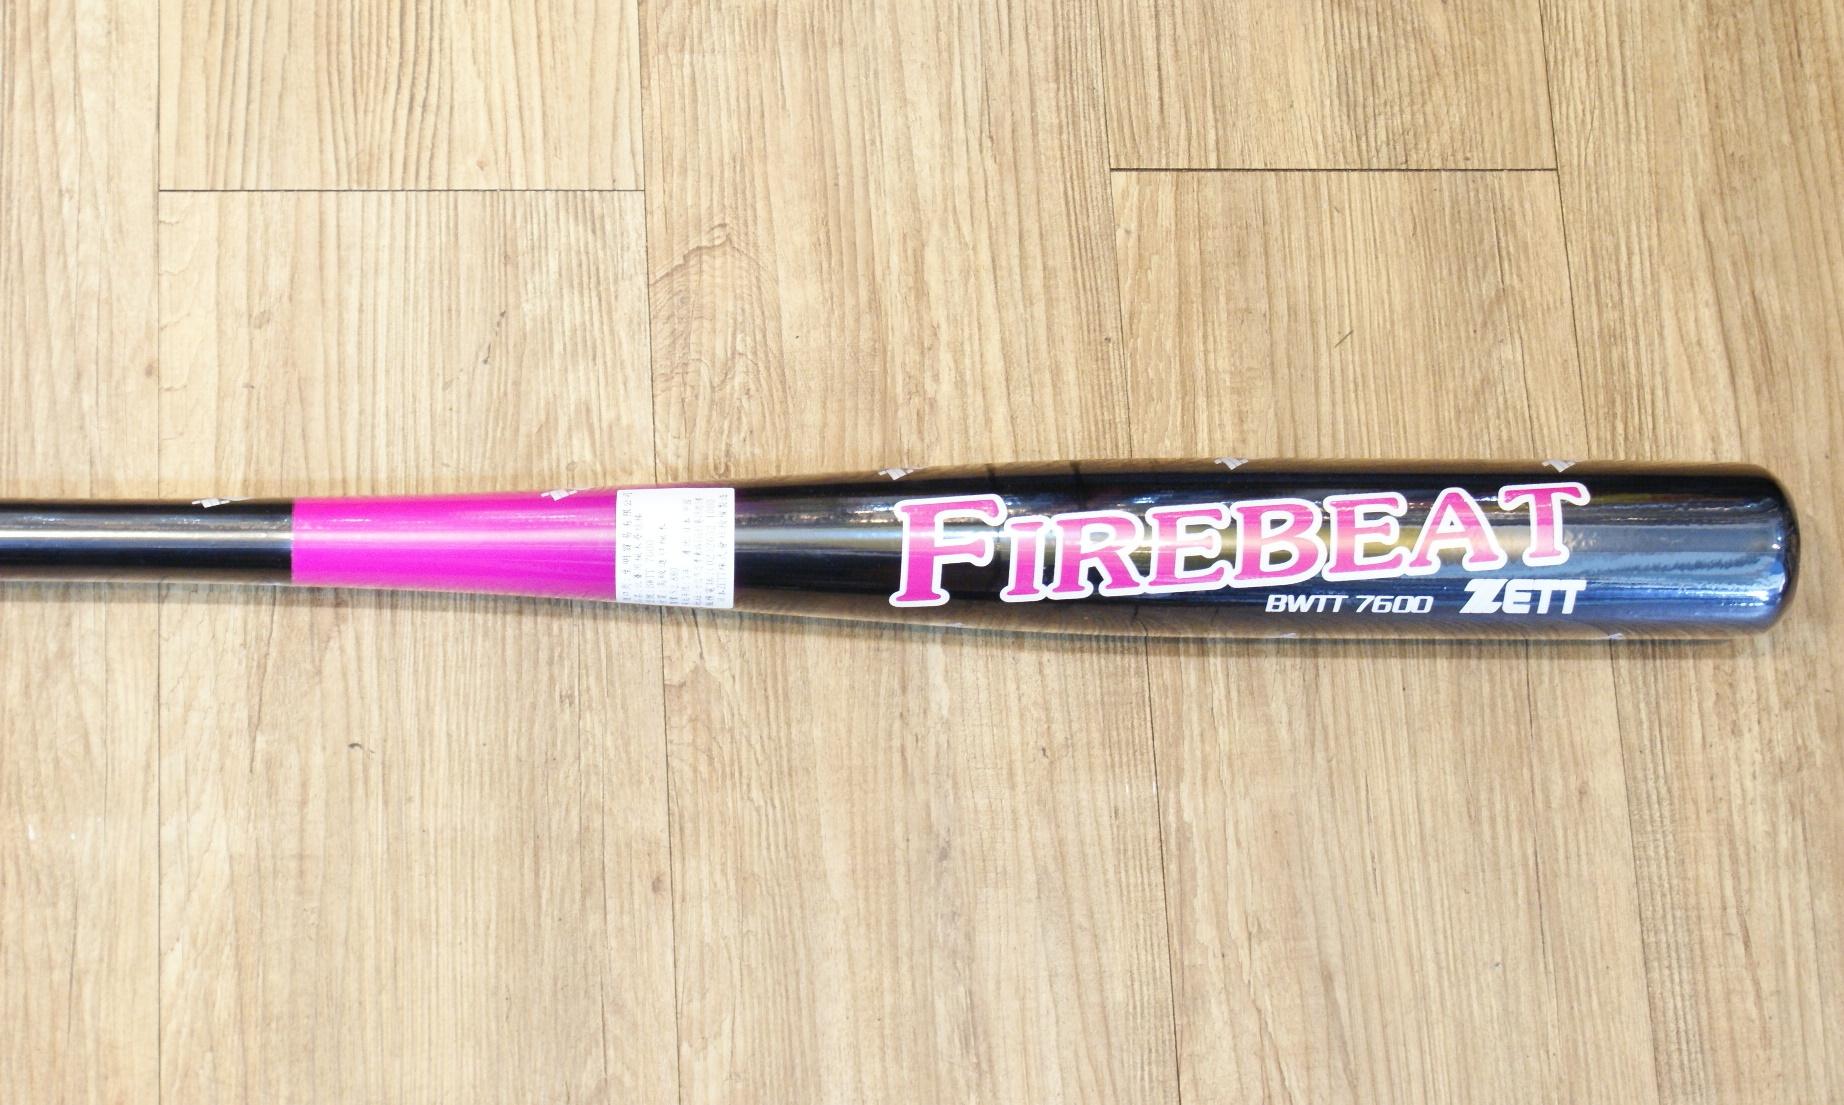 棒球世界 全新ZETT 高級楓木壘球棒 BWTT-7600 特價 黑粉配色